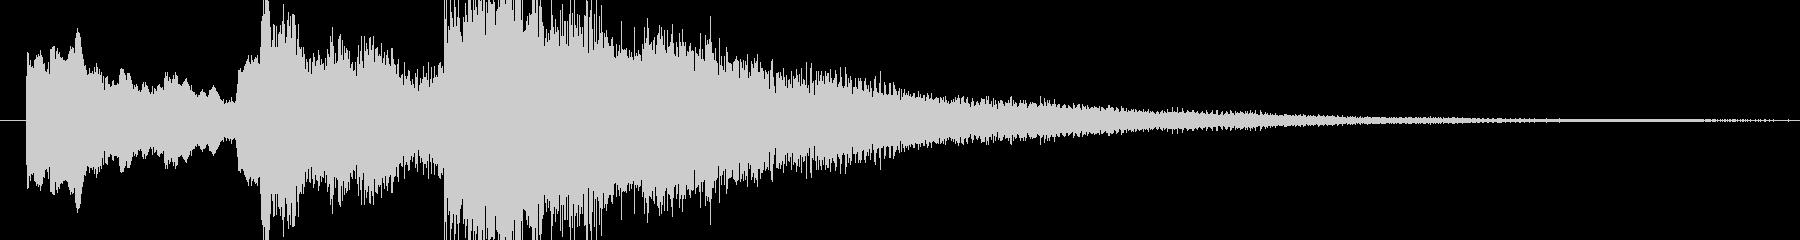 雄大で未来的なサウンドロゴの未再生の波形